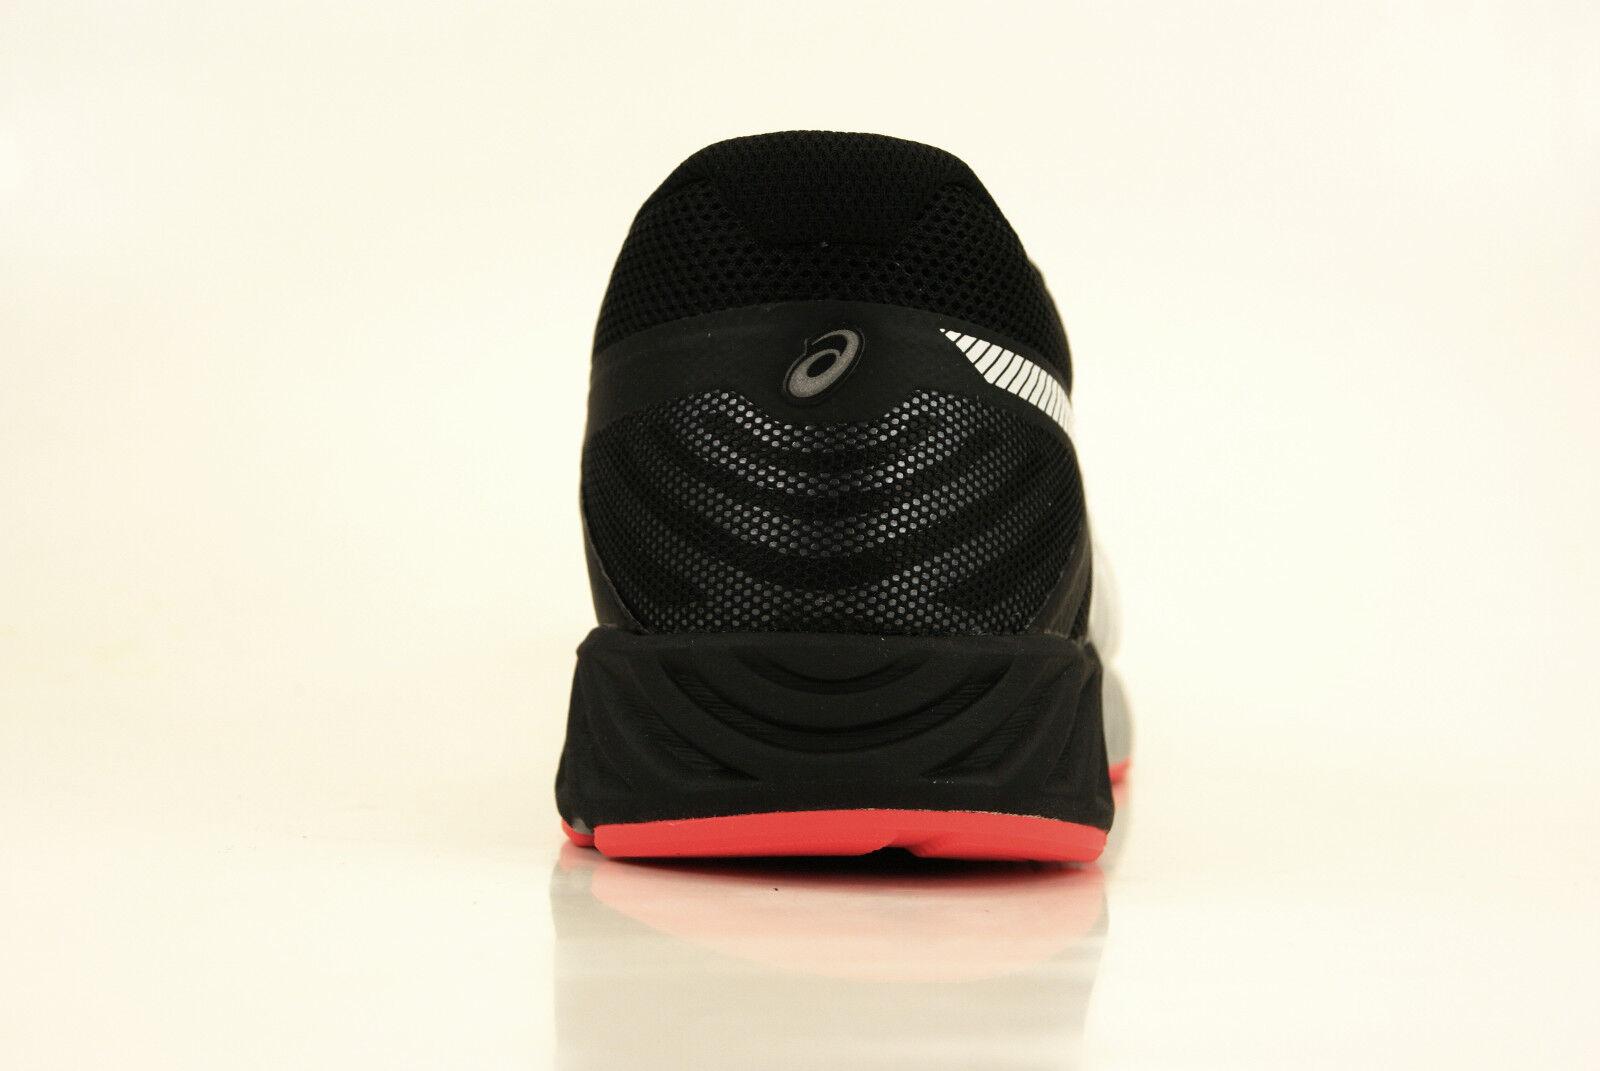 Asics Lyte Chaussures De Fuzex Jogging Course Baskets q5prq